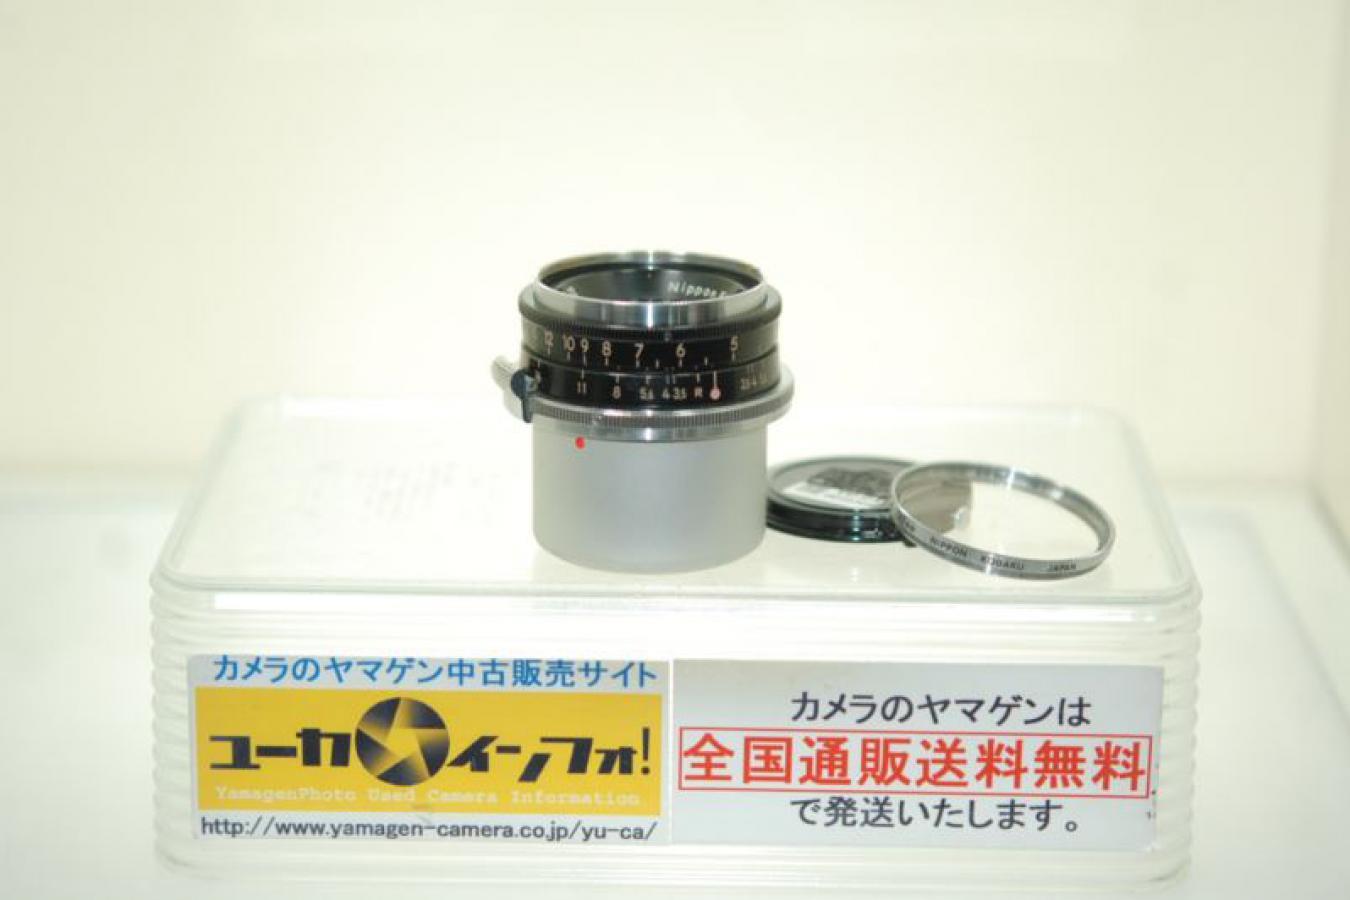 日本光学 W-NIKKOR 3.5cm F3.5 純正43?L38銀枠フィルター付 【ニコンSマウントレンズ】